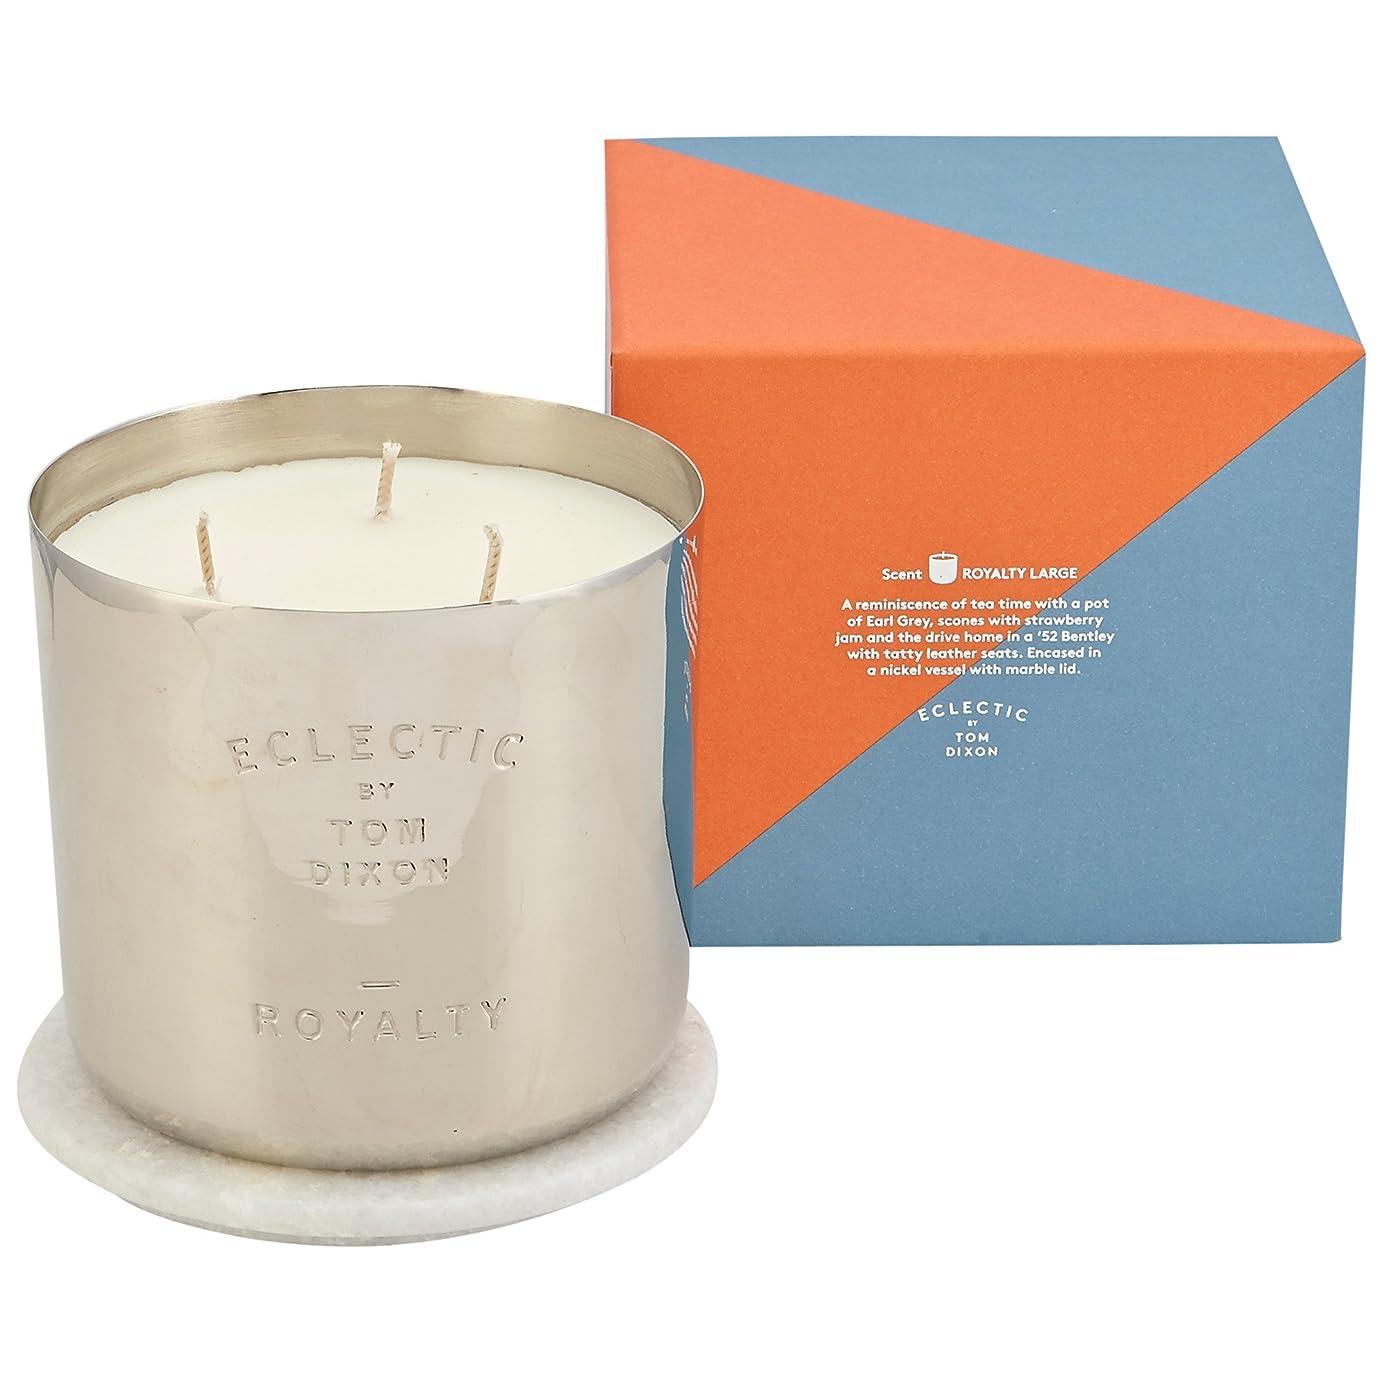 ずるい問題雇うTom Dixon Royalty Scented Candle Large (Pack of 2) - トムディクソンロイヤリティ大きな香りのキャンドル x2 [並行輸入品]